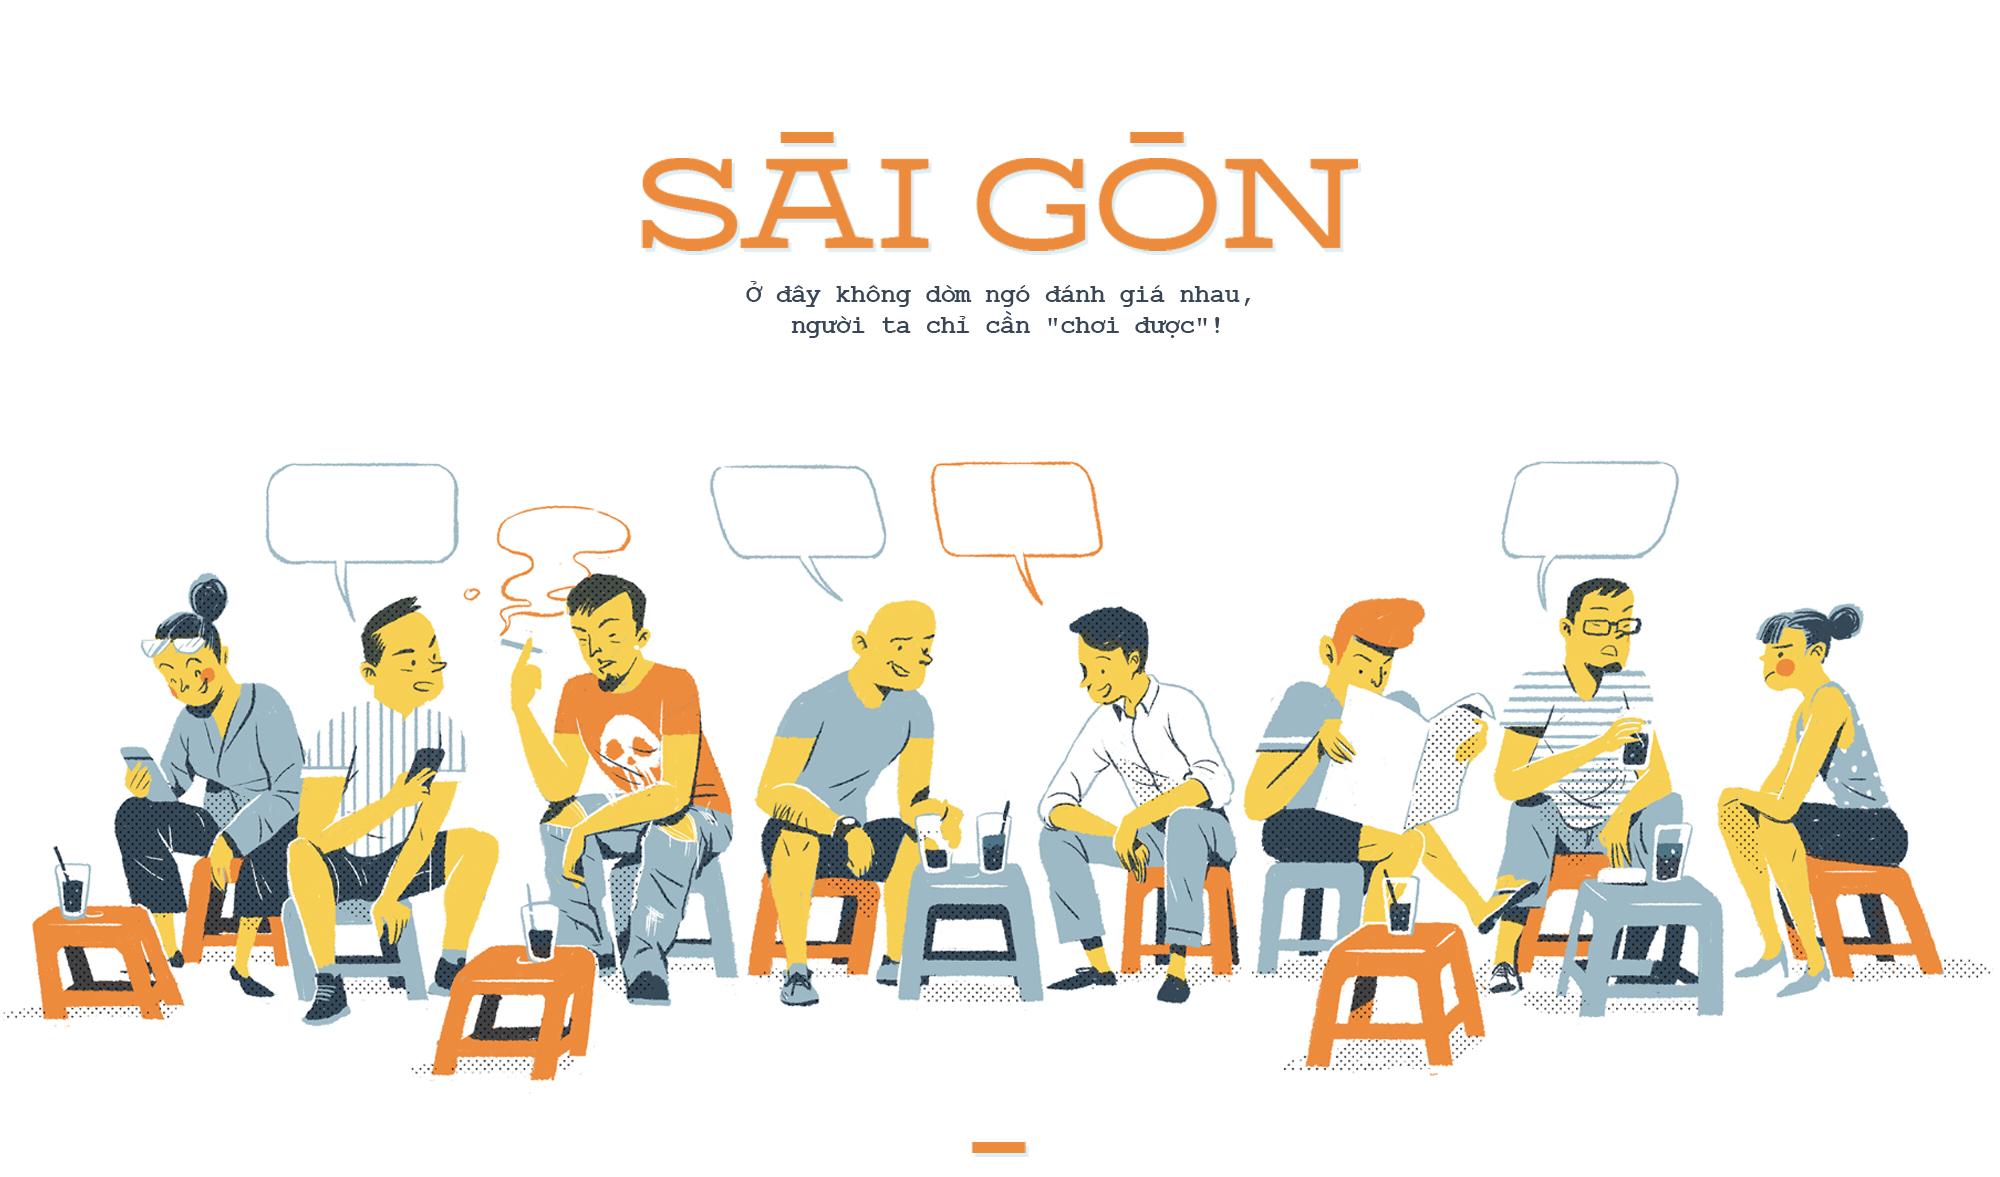 sg-cover-1471633299030.jpg